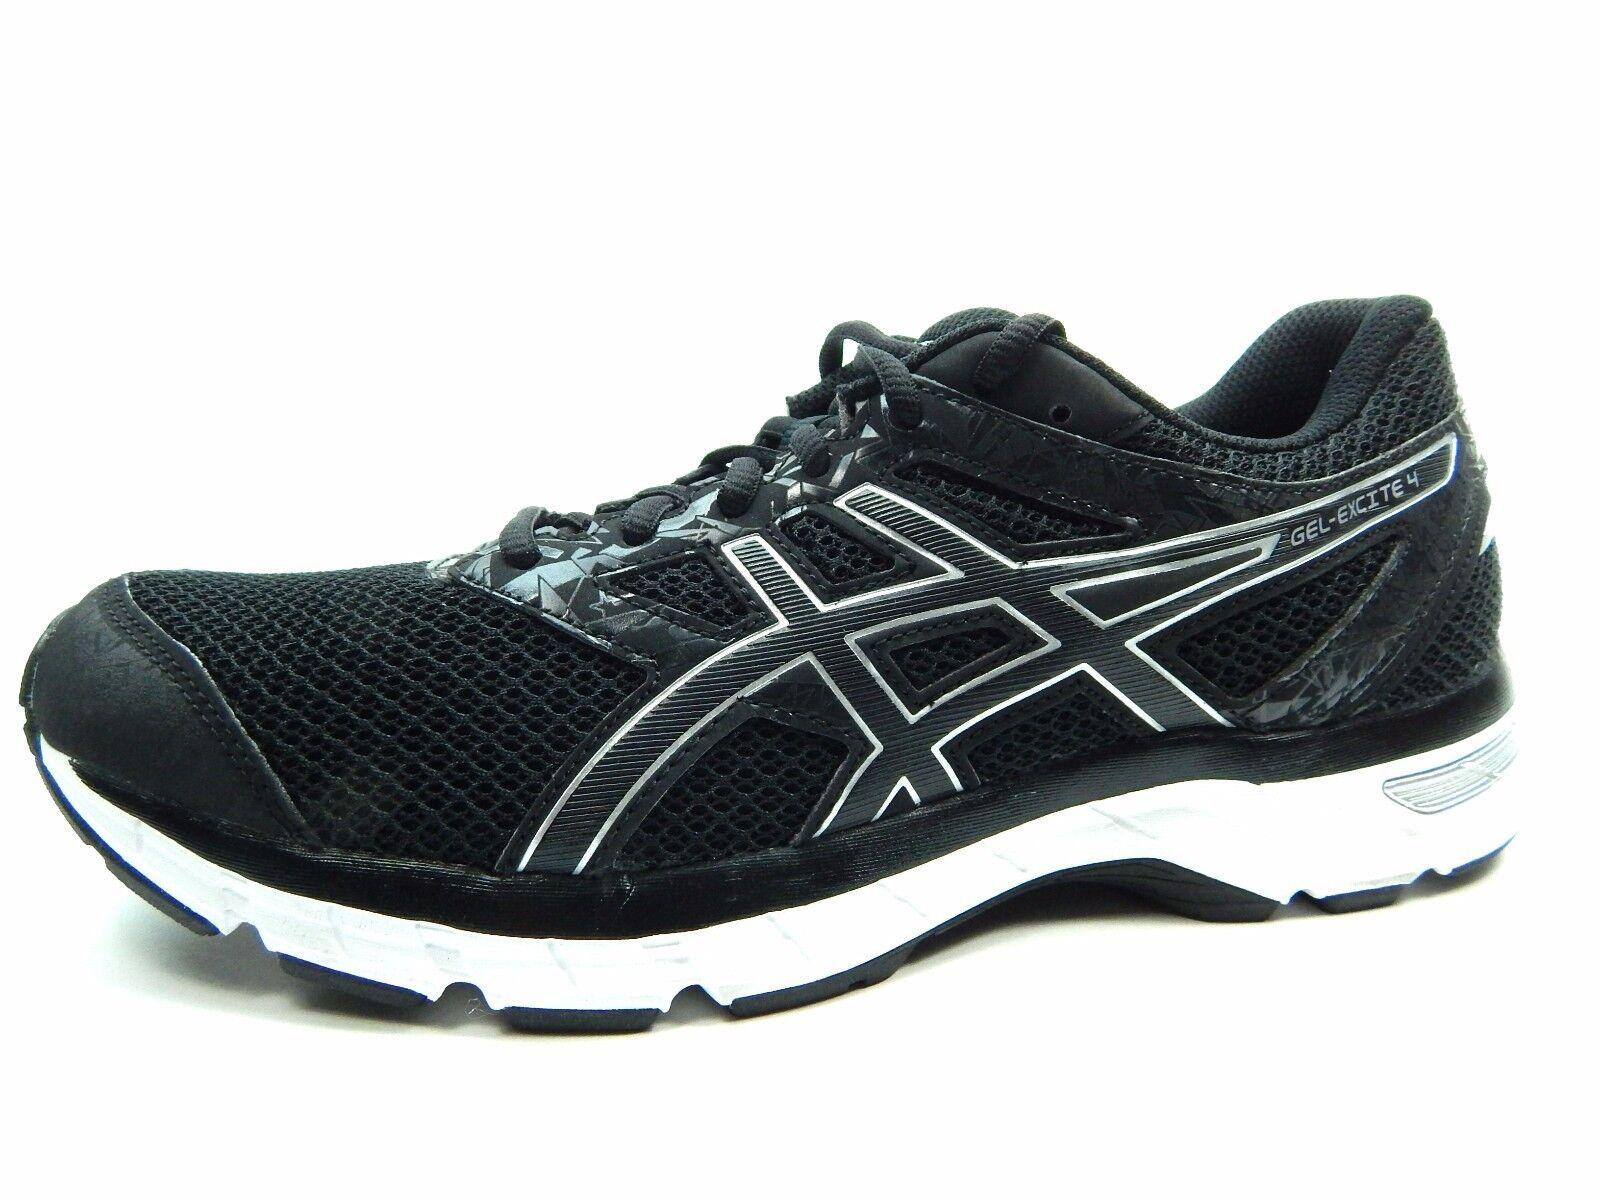 ASICS para hombre GEL EXCITE 4 T6E3N Ónice Negro Plata hombres zapatos talla 9